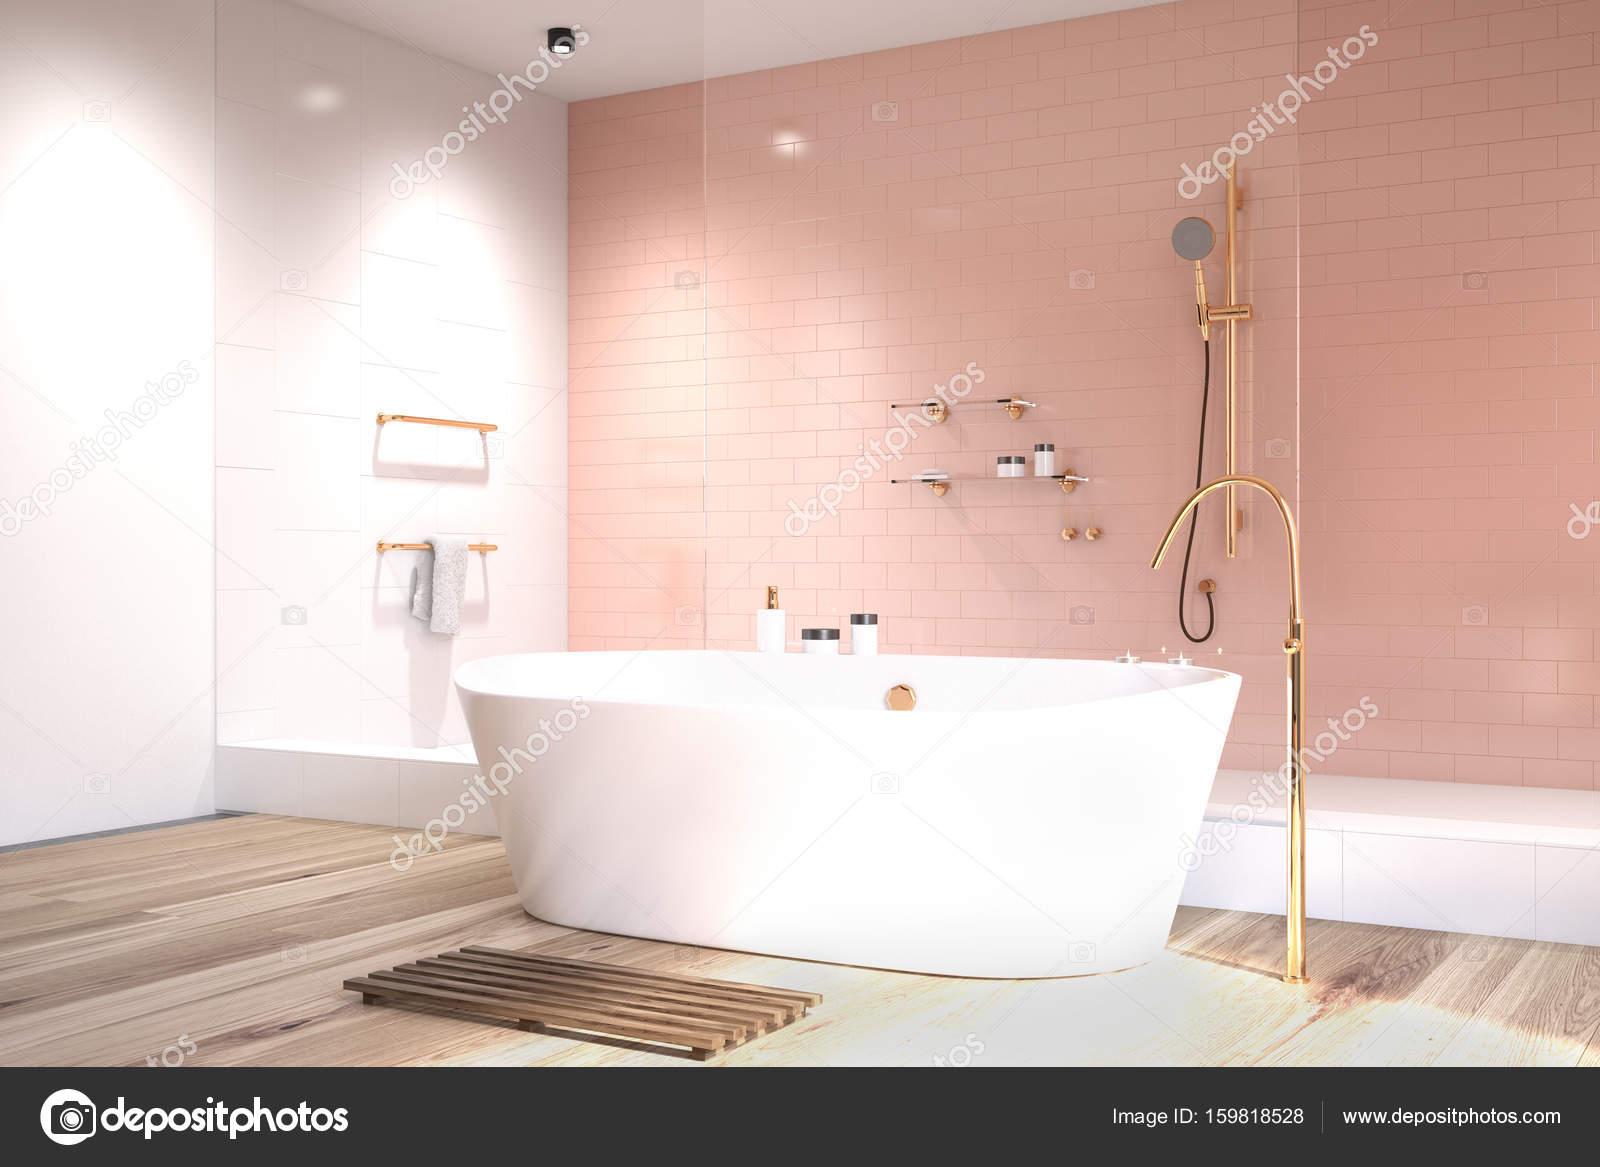 Bagno rosa con lato di piastrelle bianche foto stock - Piastrelle rosa bagno ...